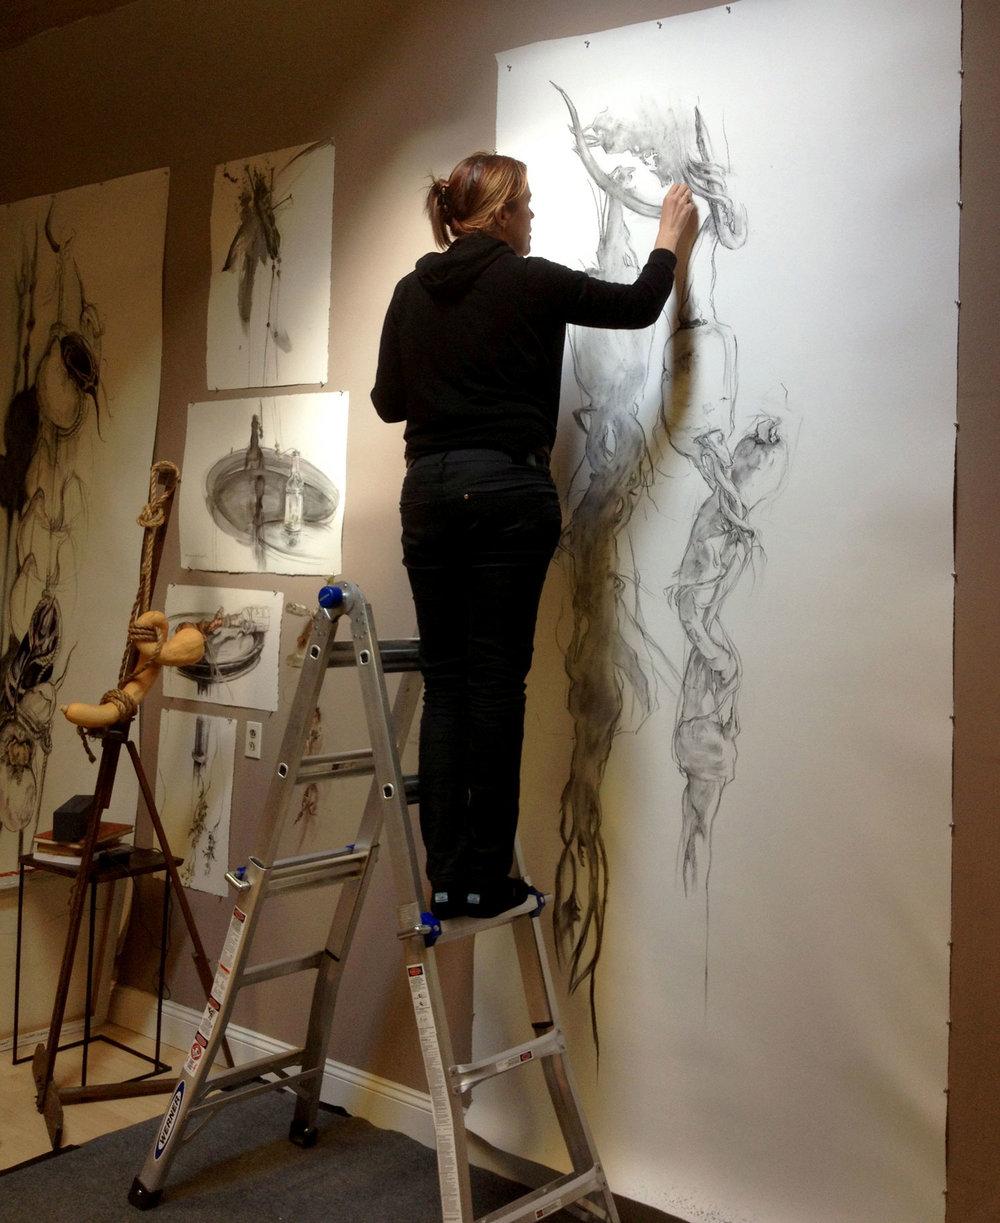 anna-on-ladder.jpg